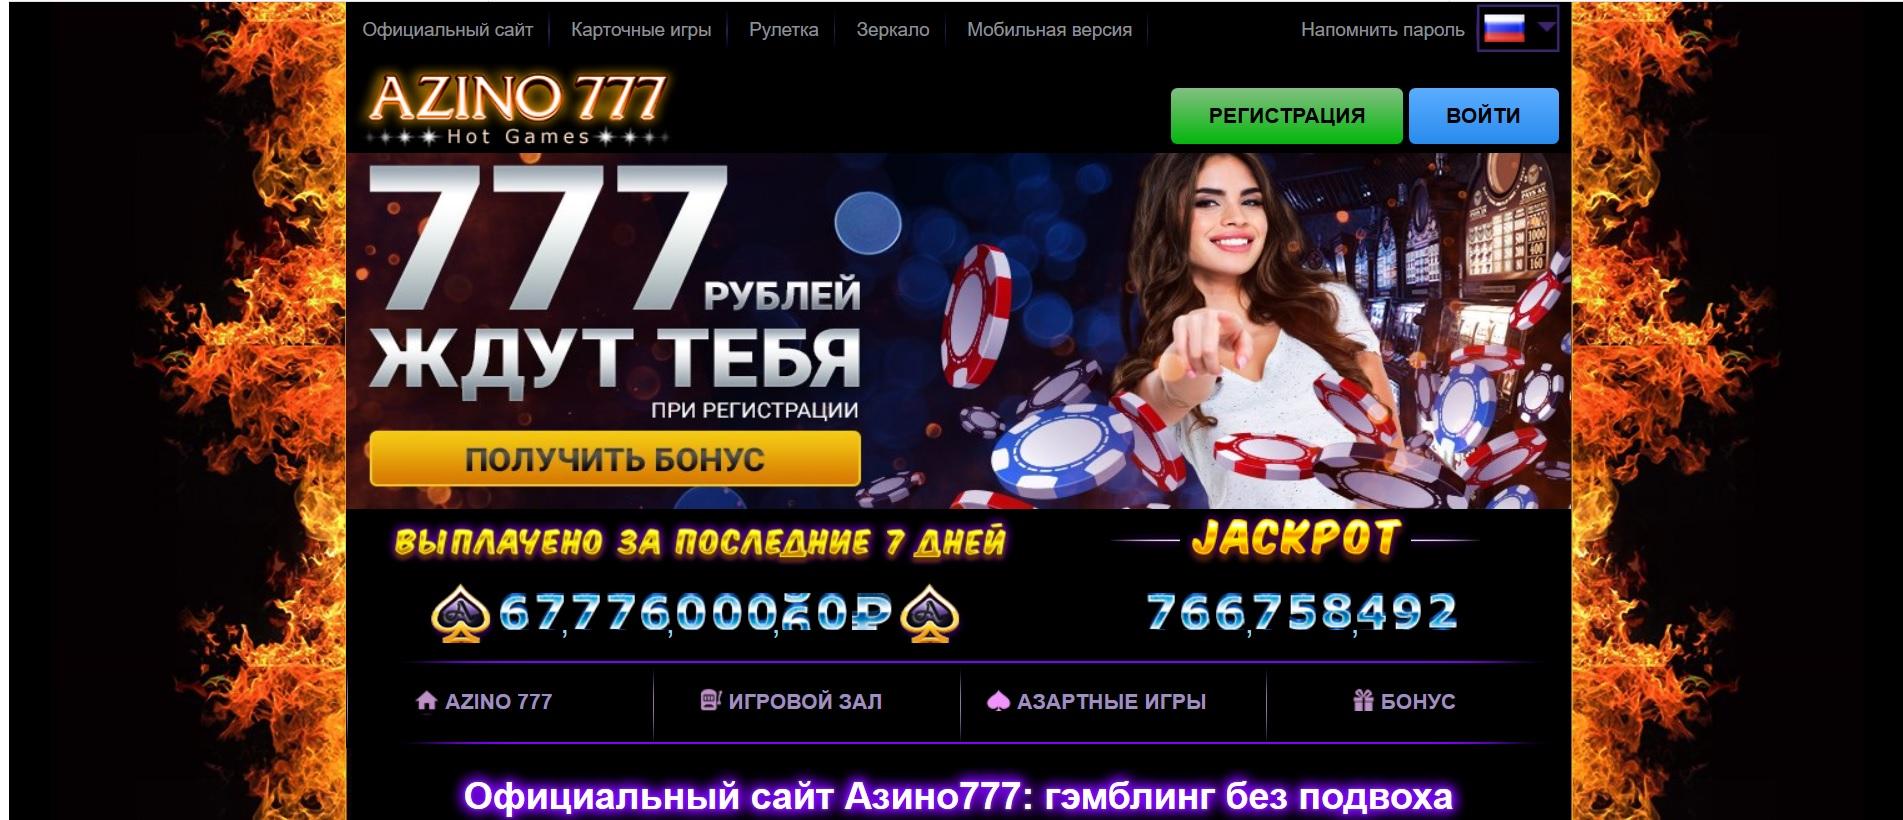 azino777 mobile регистрация с бонусом